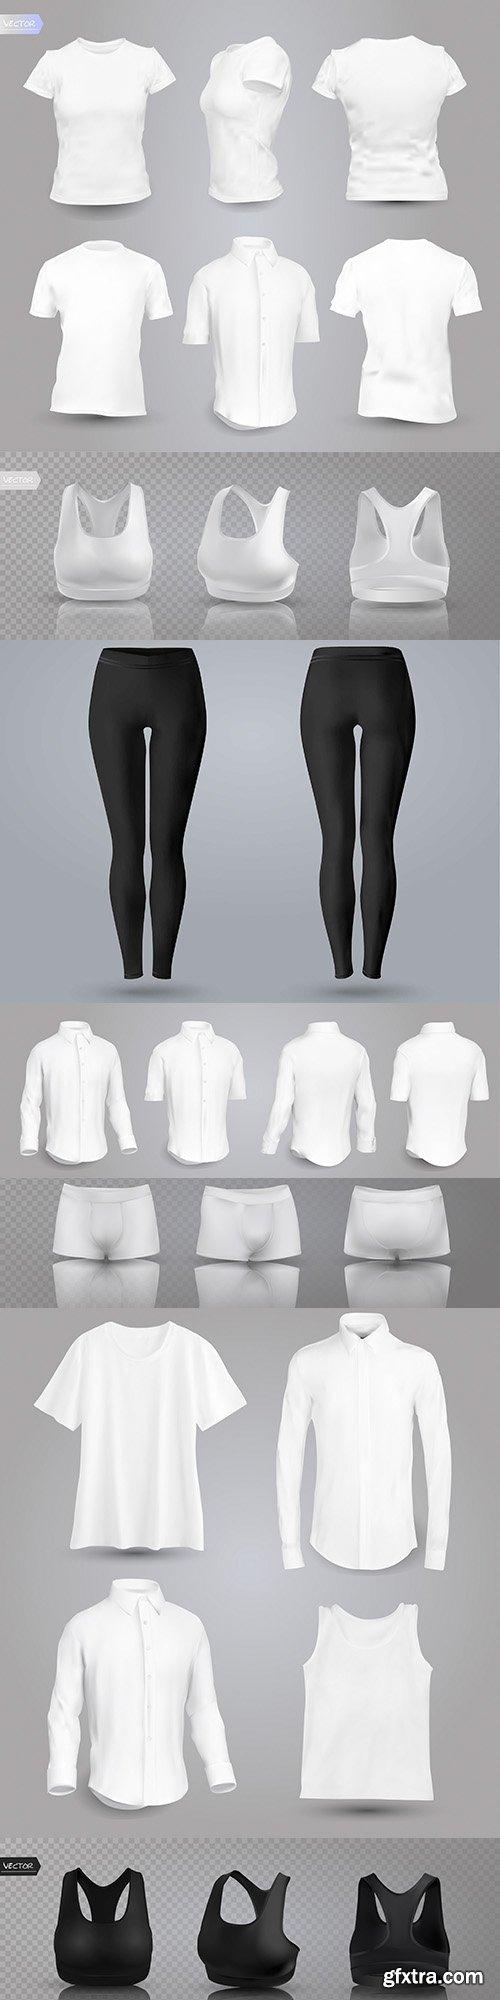 T-shirt, shirt and sports linen 3D illustration